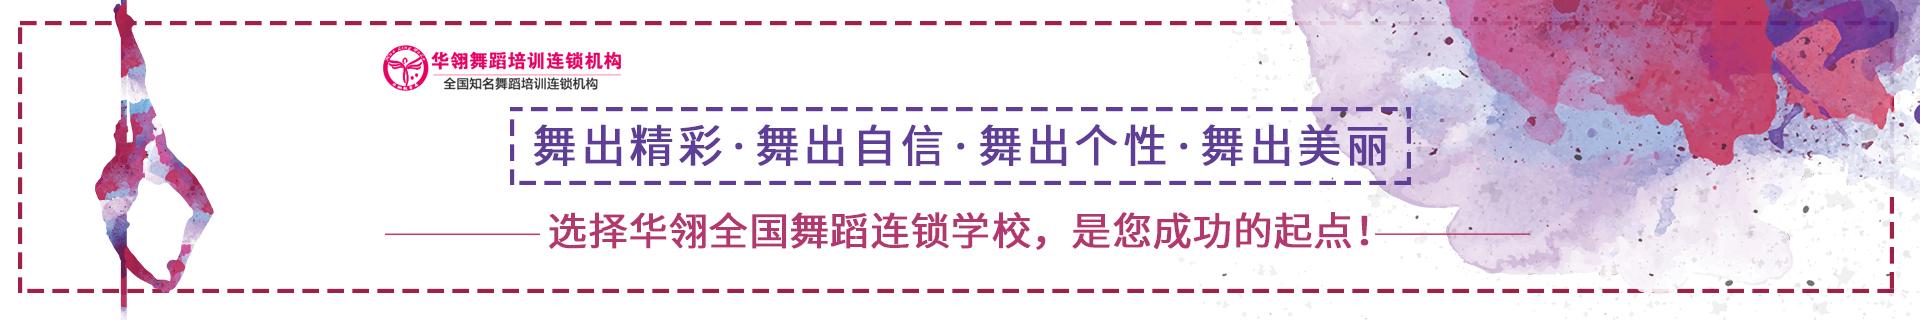 赣州章贡区华翎舞蹈培训机构